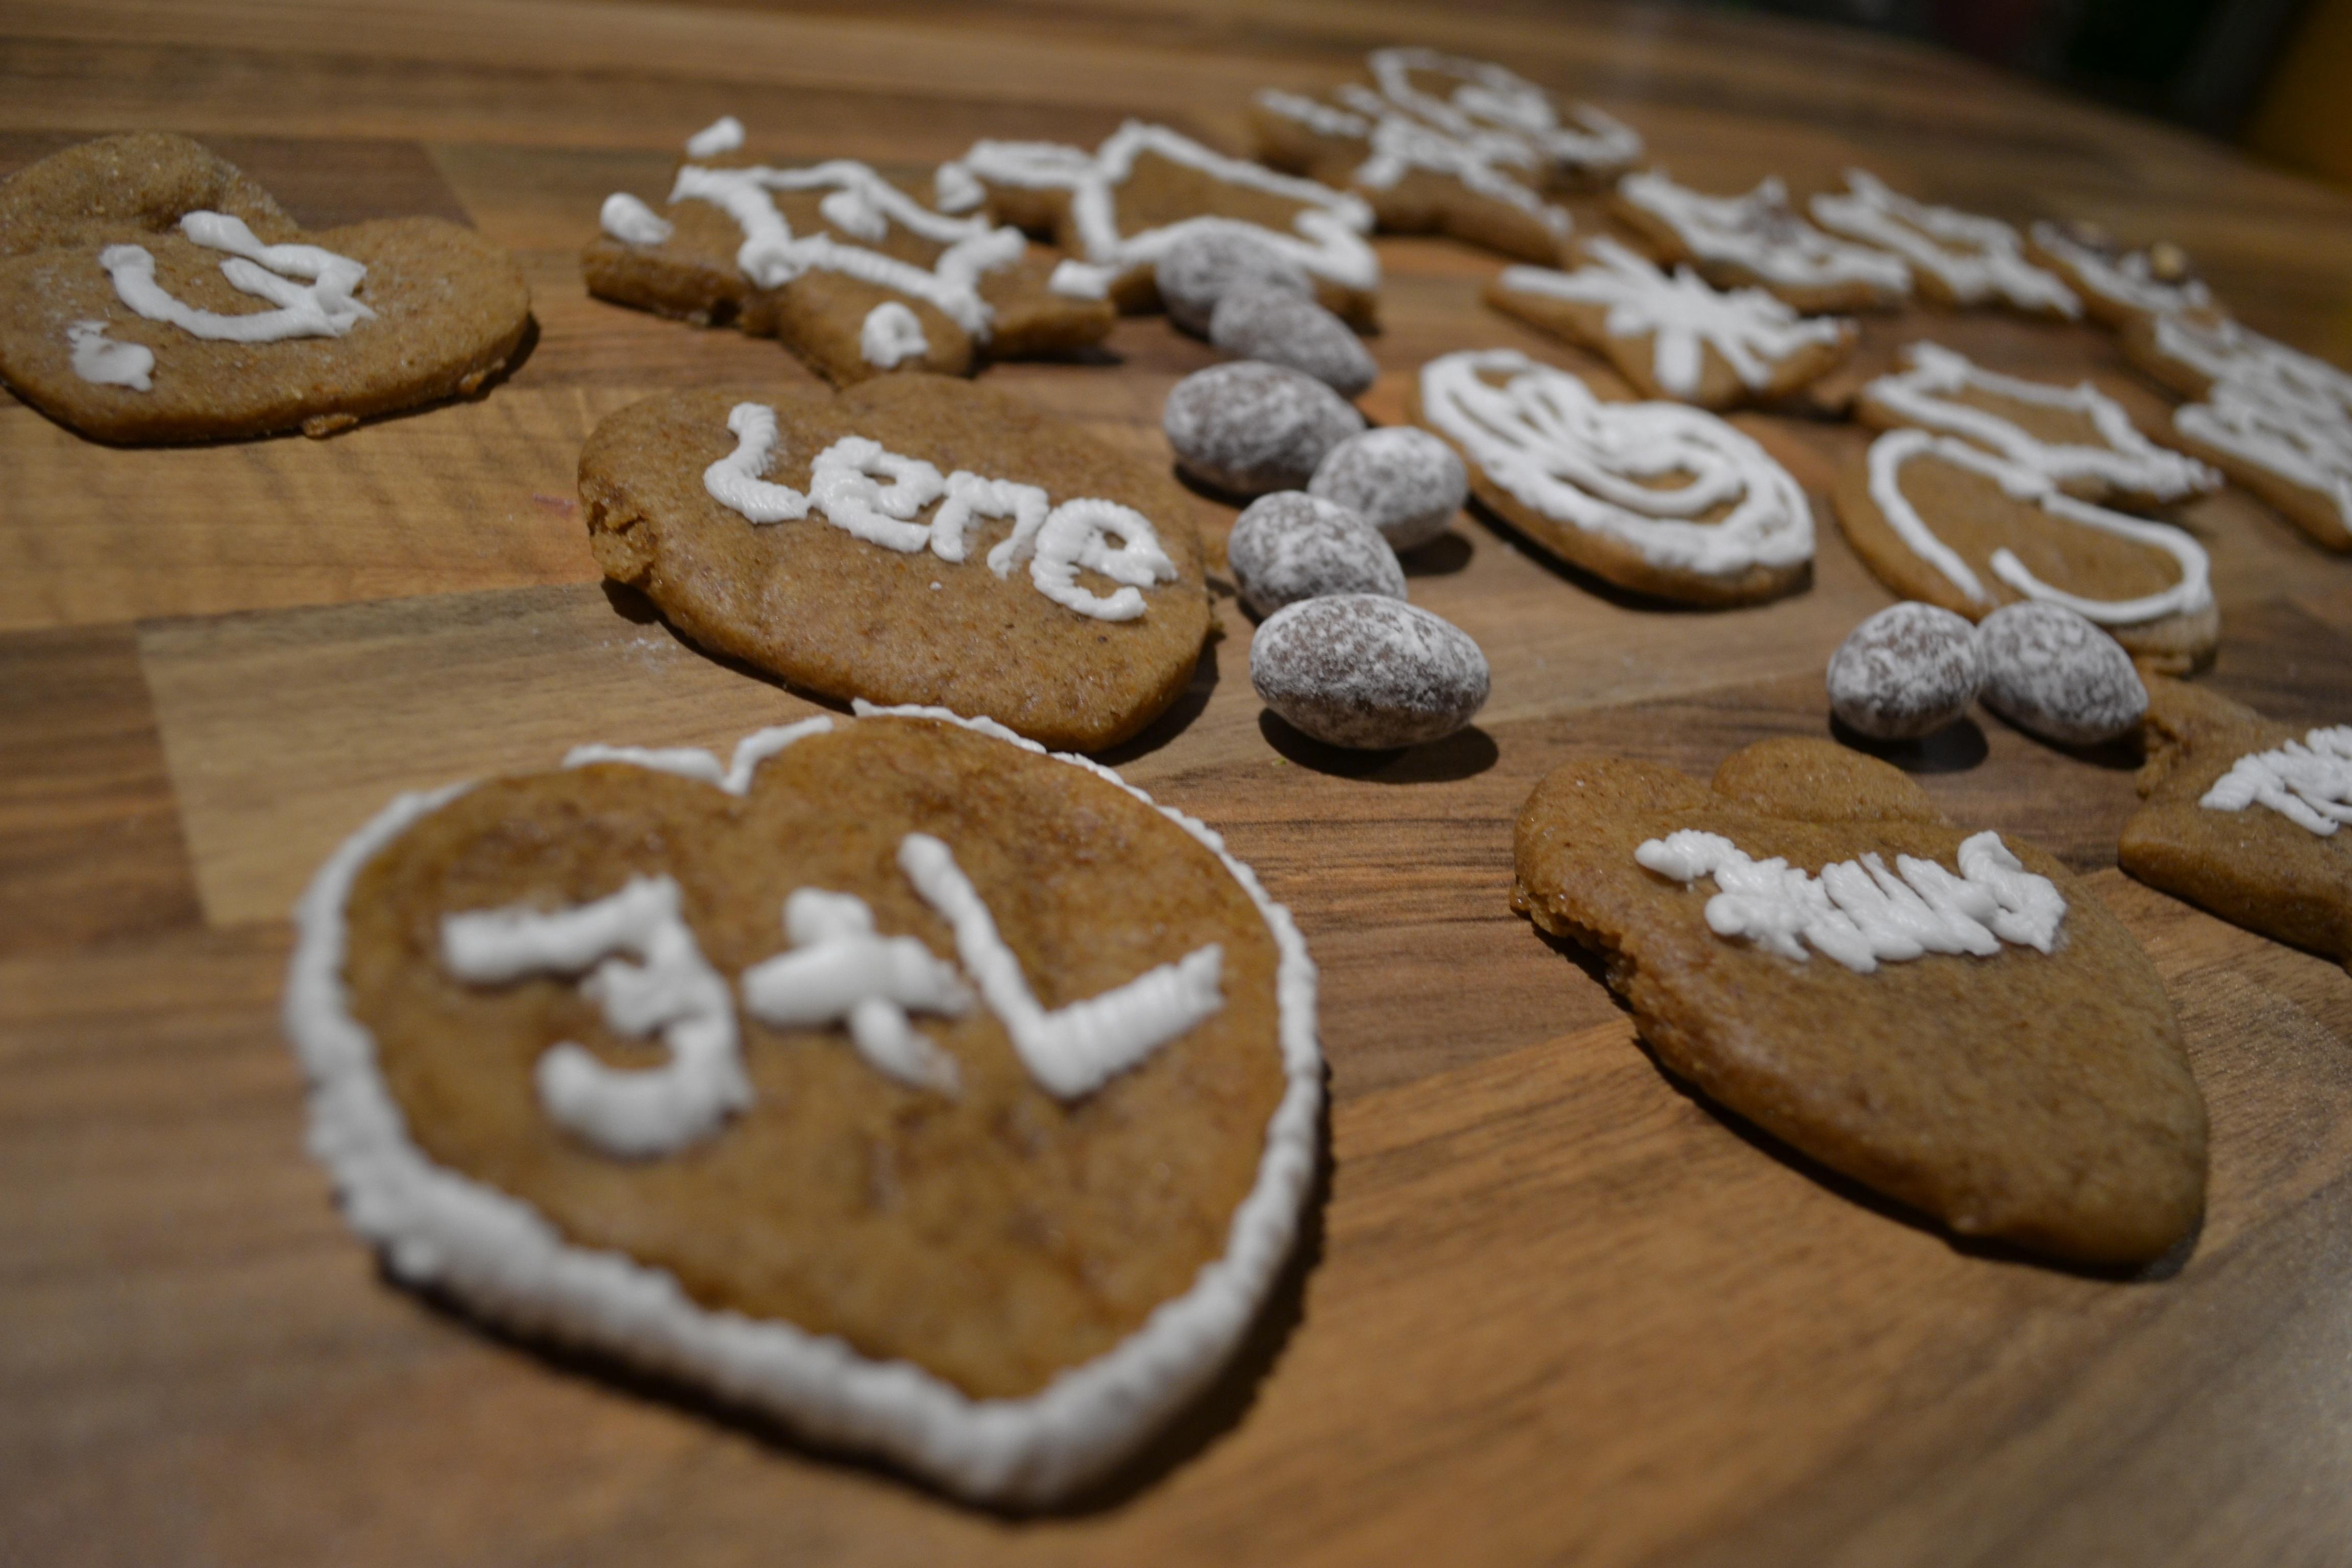 Free Images : winter, sweet, celebration, gift, decoration, dish ...